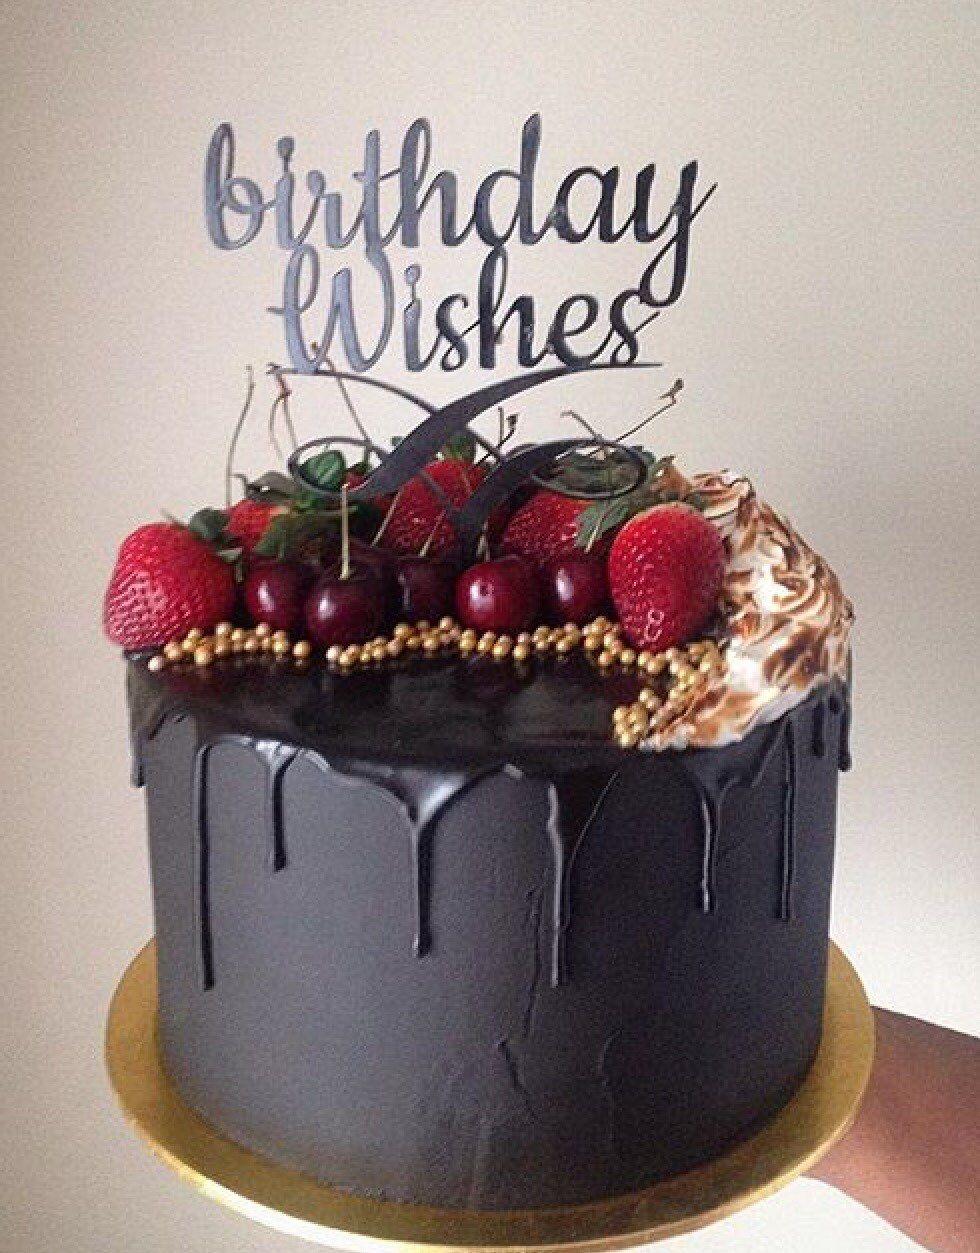 Happy birthday Birthday wishes cake, Drip cakes, Cake